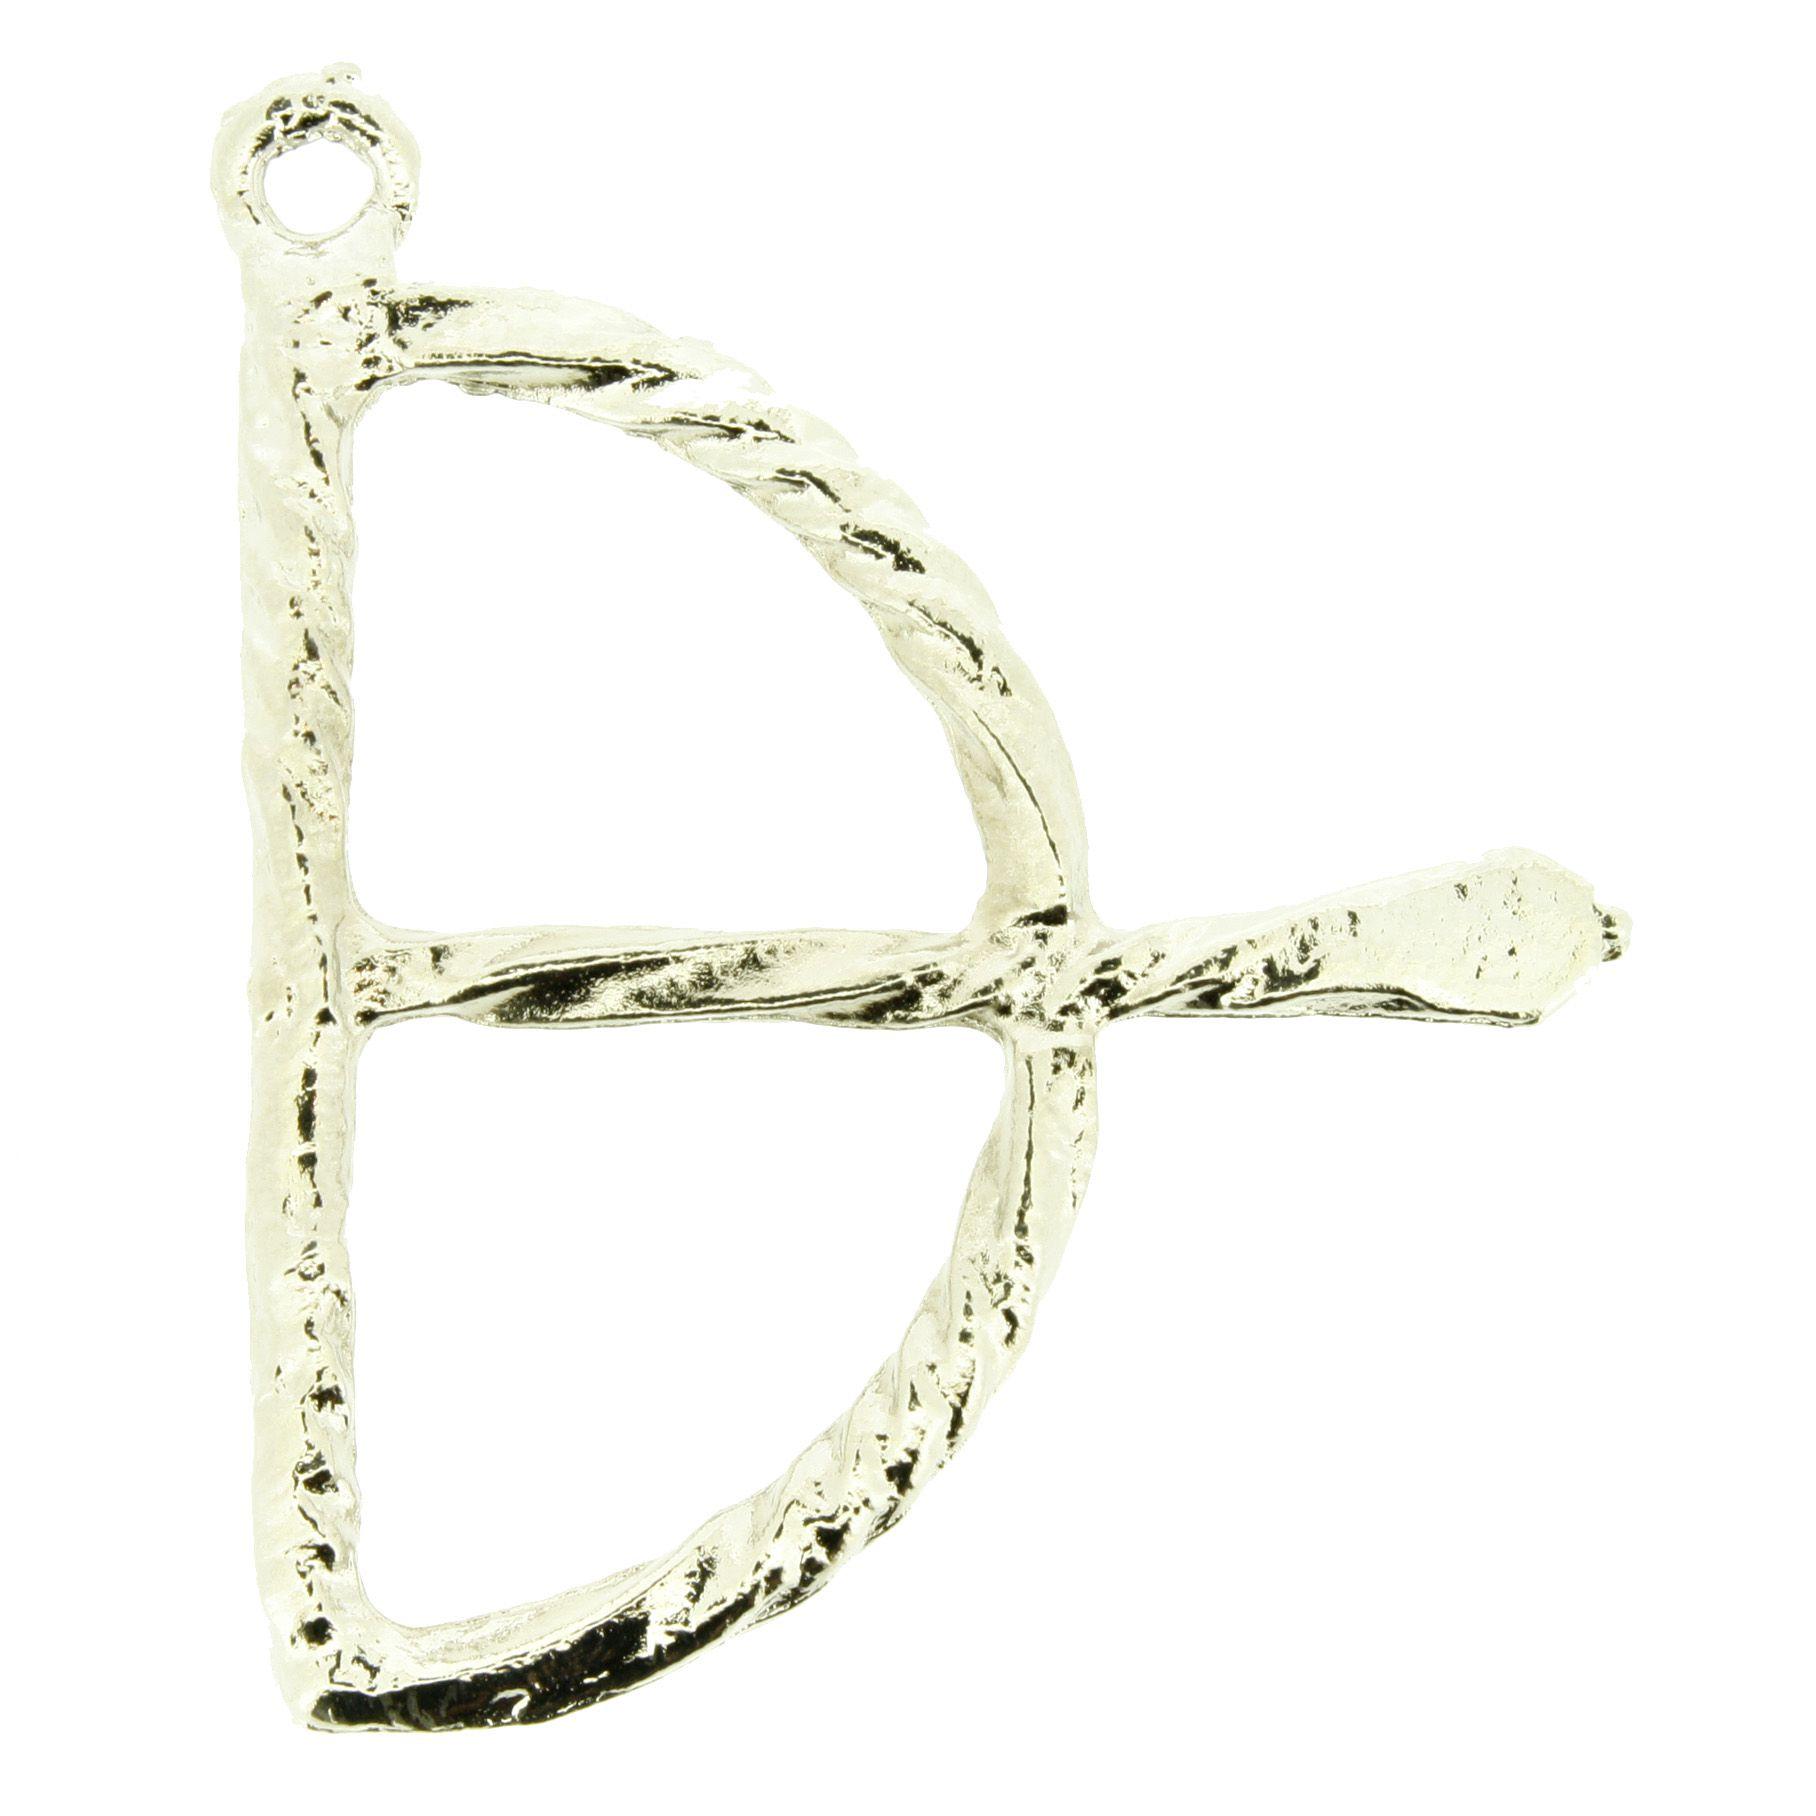 Arco e Flecha - Níquel - 47mm  - Universo Religioso® - Artigos de Umbanda e Candomblé